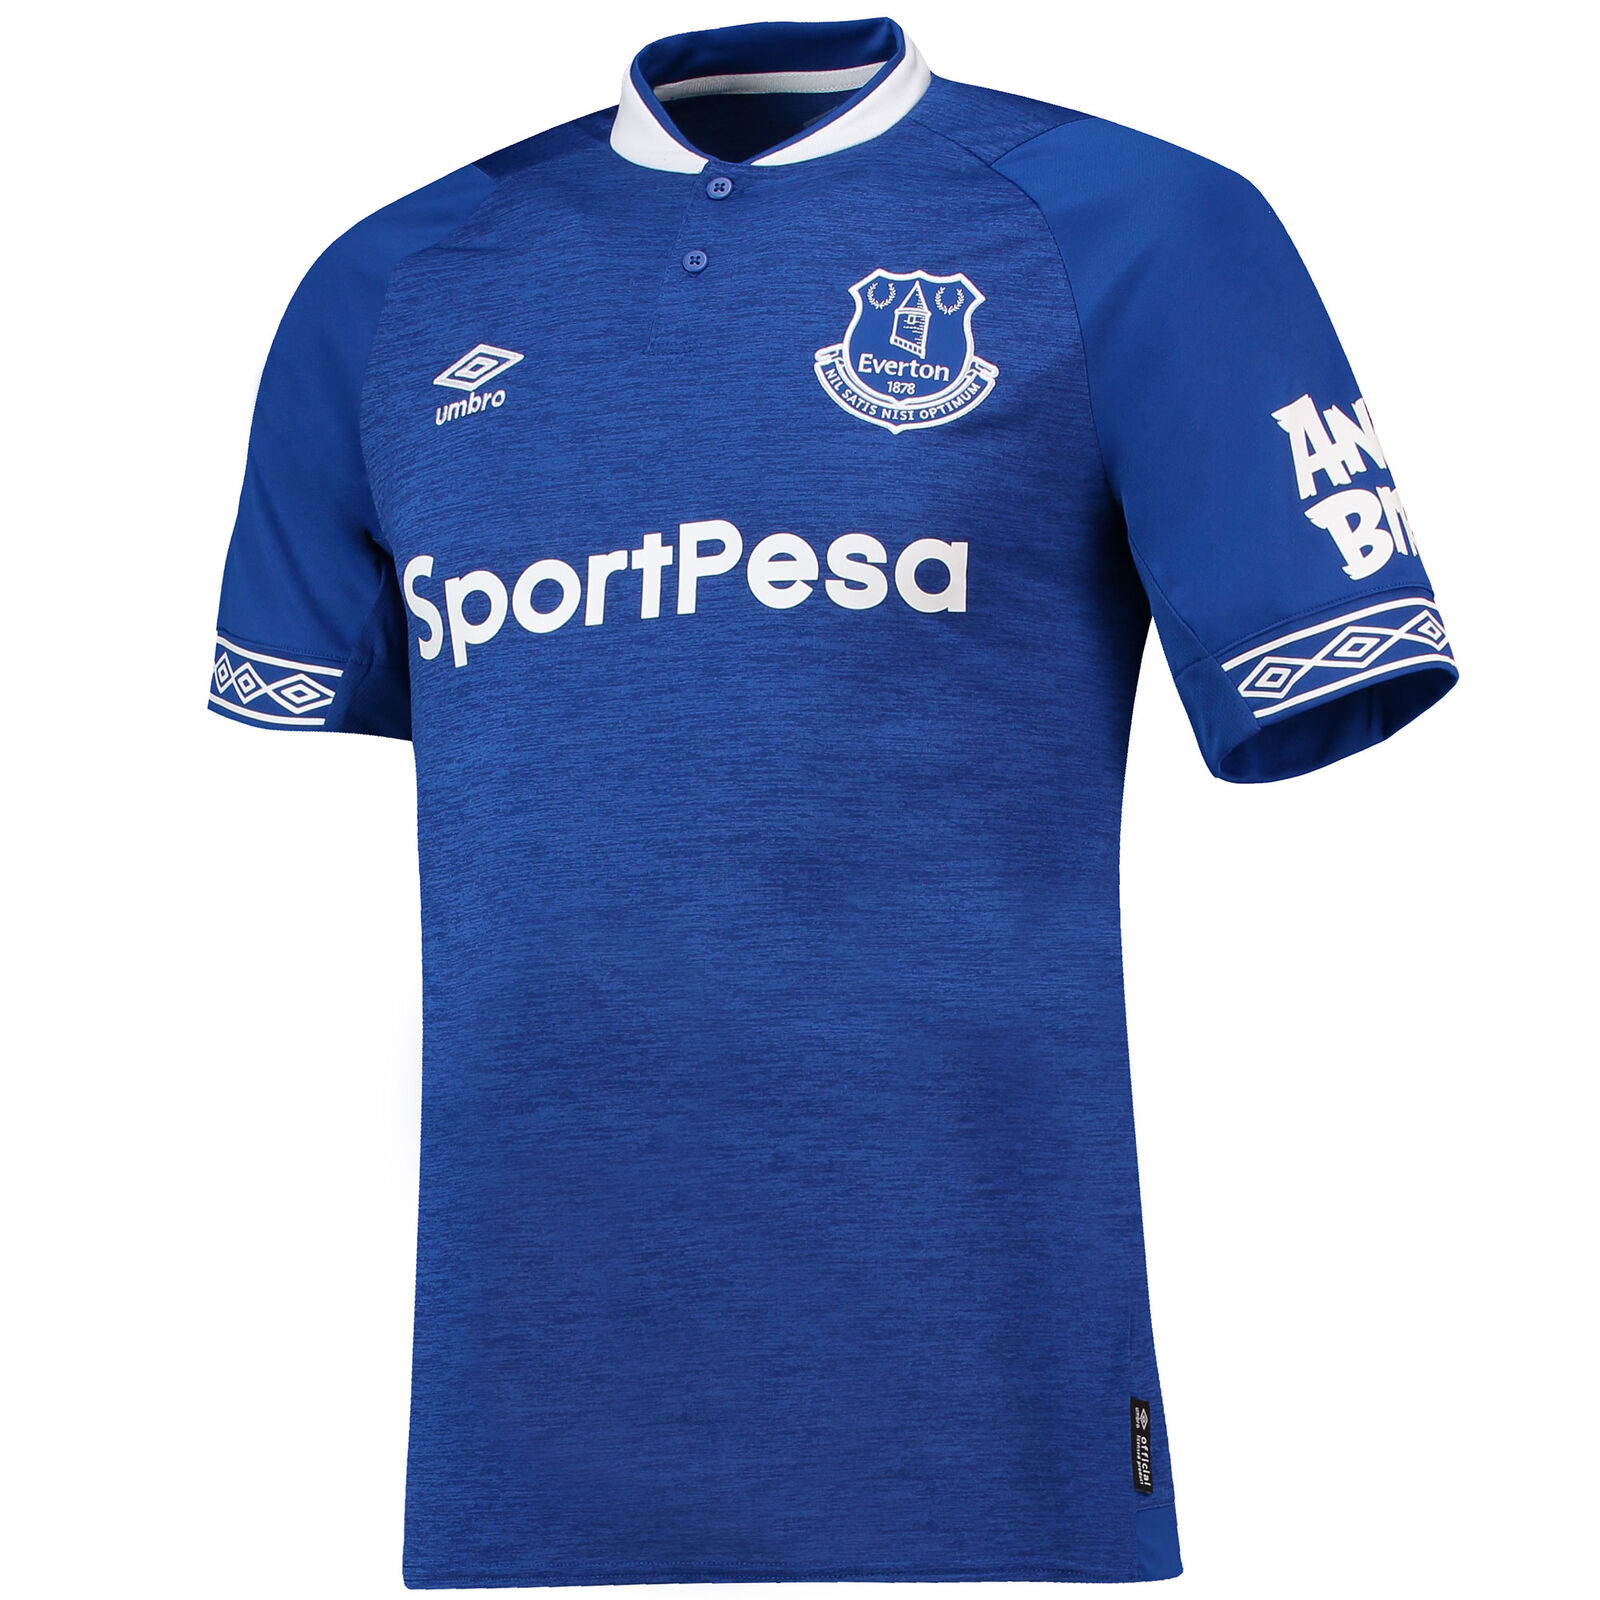 Everton Offiziell Heim Shirt Hemd 2018-19 Herren Umbro Fußball Kurzarm Trikot